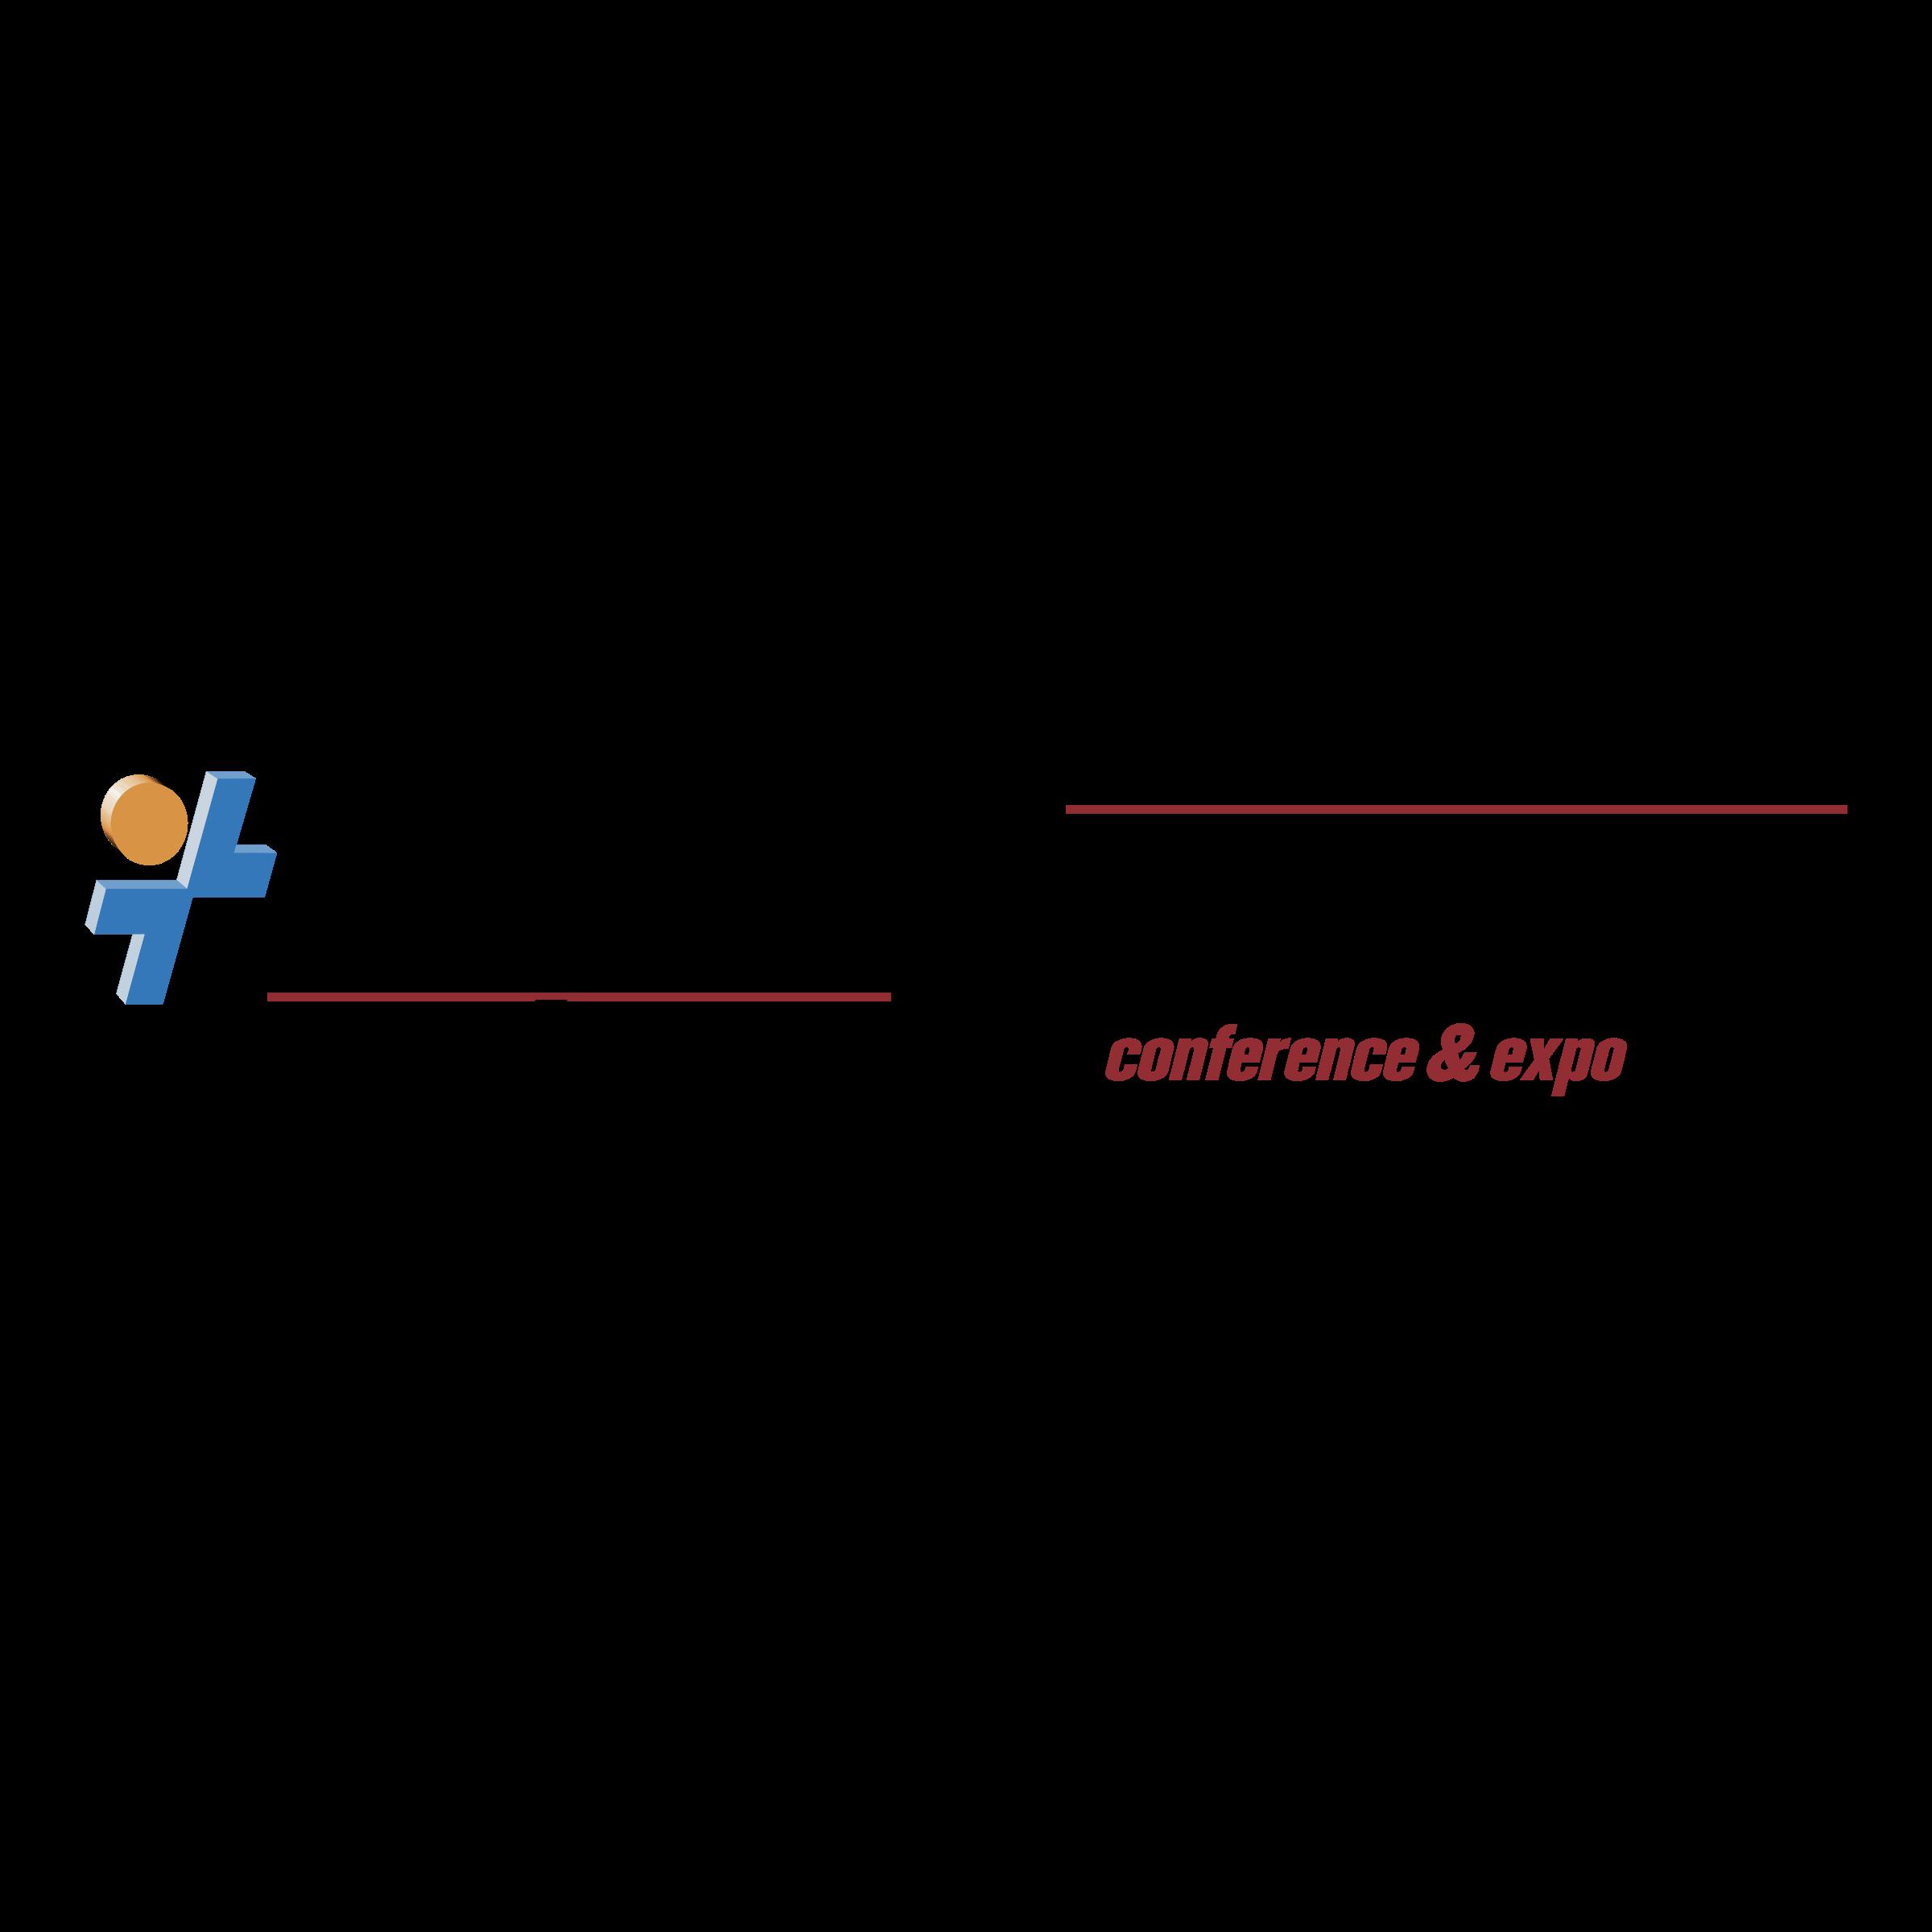 Online Learning Spring Logo PNG Transparent